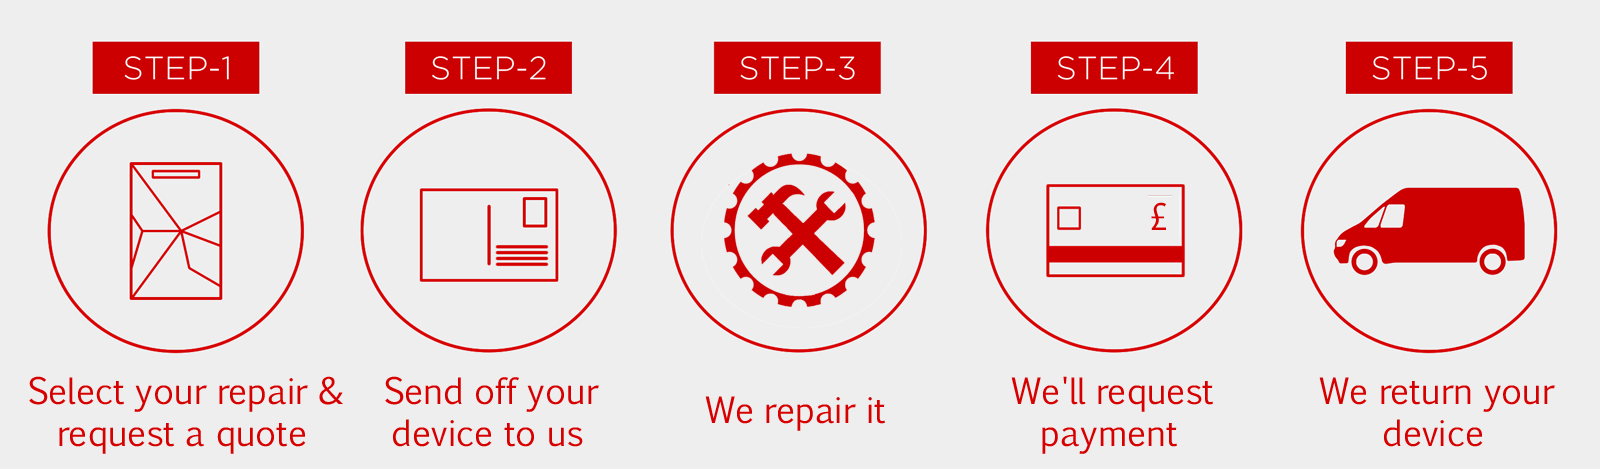 repair-process